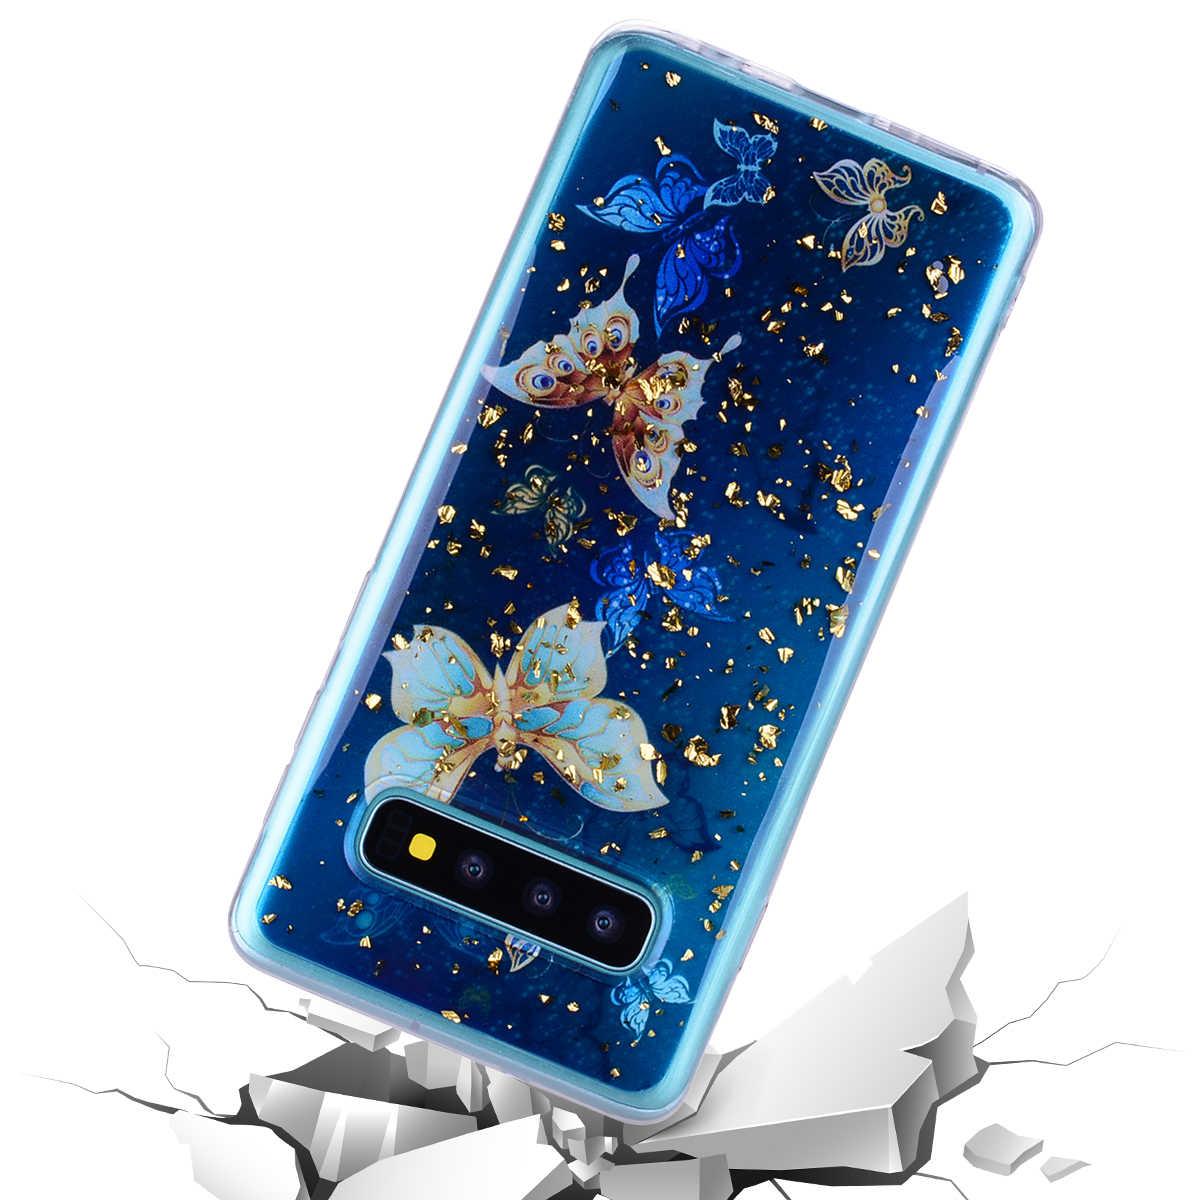 Platine Époxy étui pour Samsung Galaxy Note 8 Sacs De Téléphone Portable Coques Pour Samsung Note8 En Silicone Souple étui en polyuréthane thermoplastique Dessin Animé Cas